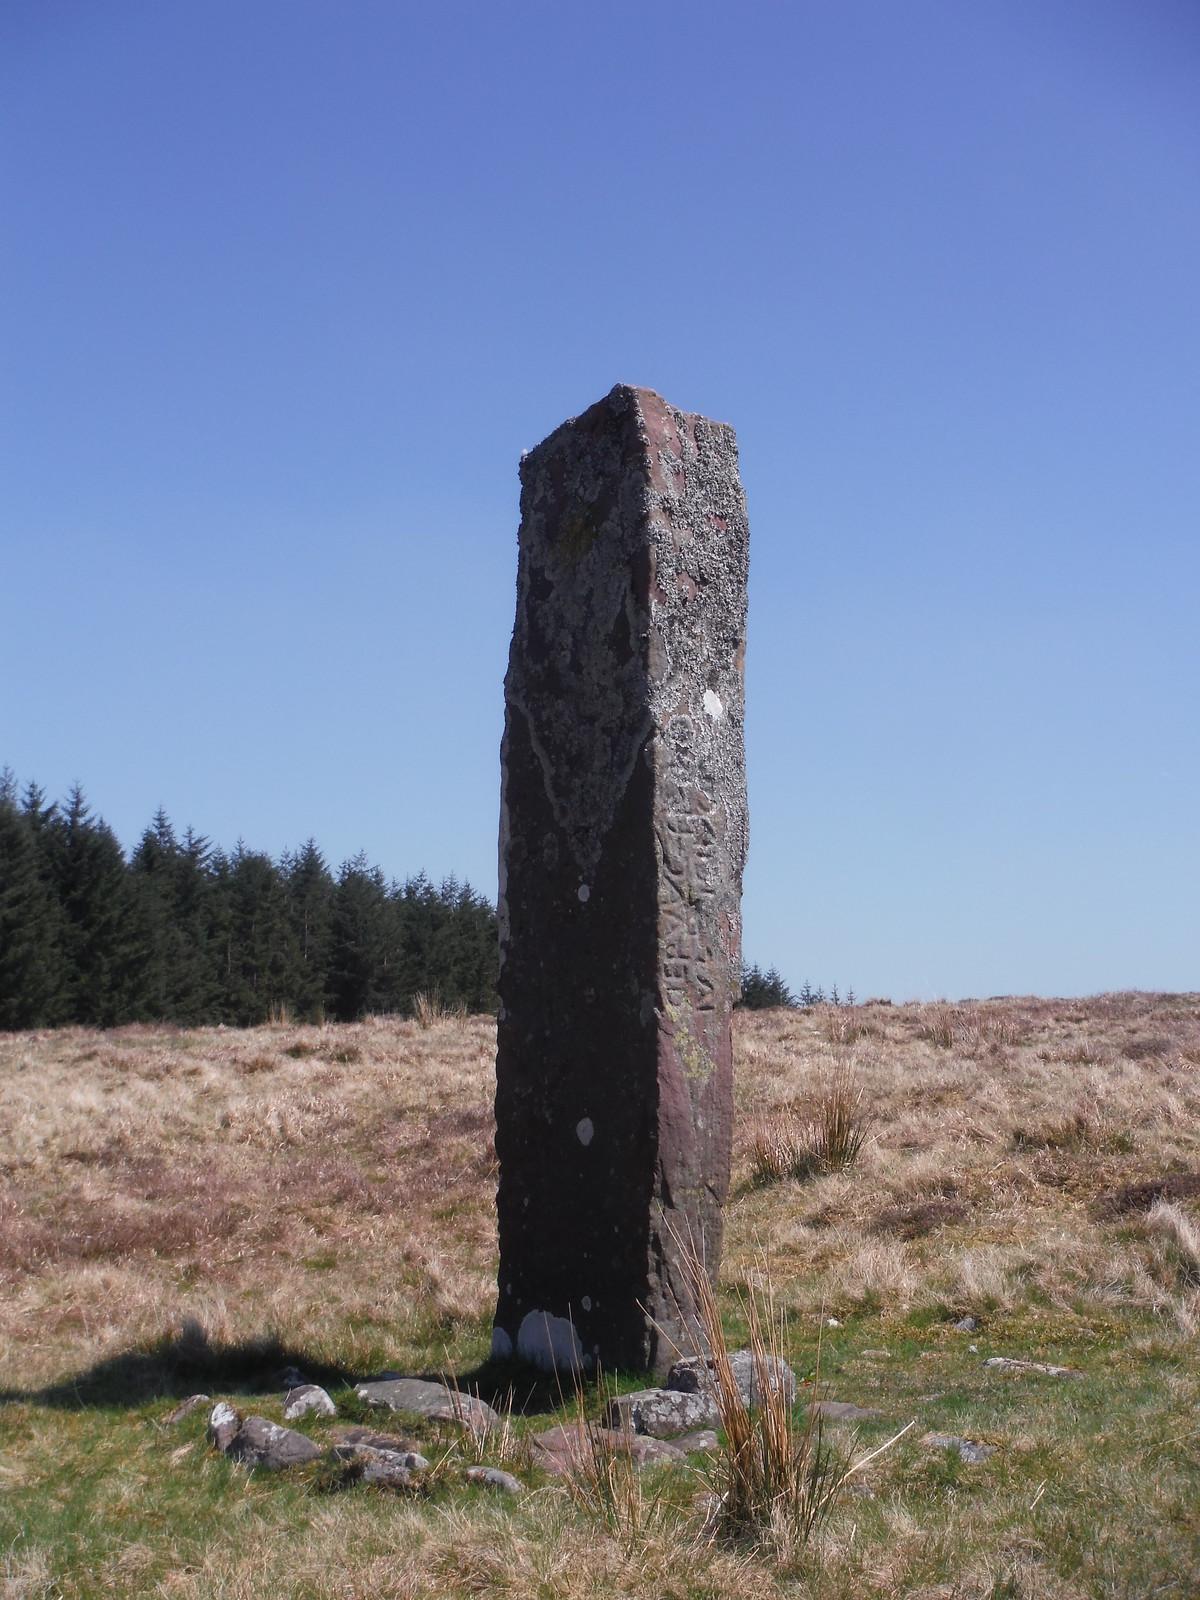 Maen Madoc SWC Walk 307 - Fforest Fawr Traverse (Craig y Nos to Llwyn-y-celyn) [Beacons Way Route]